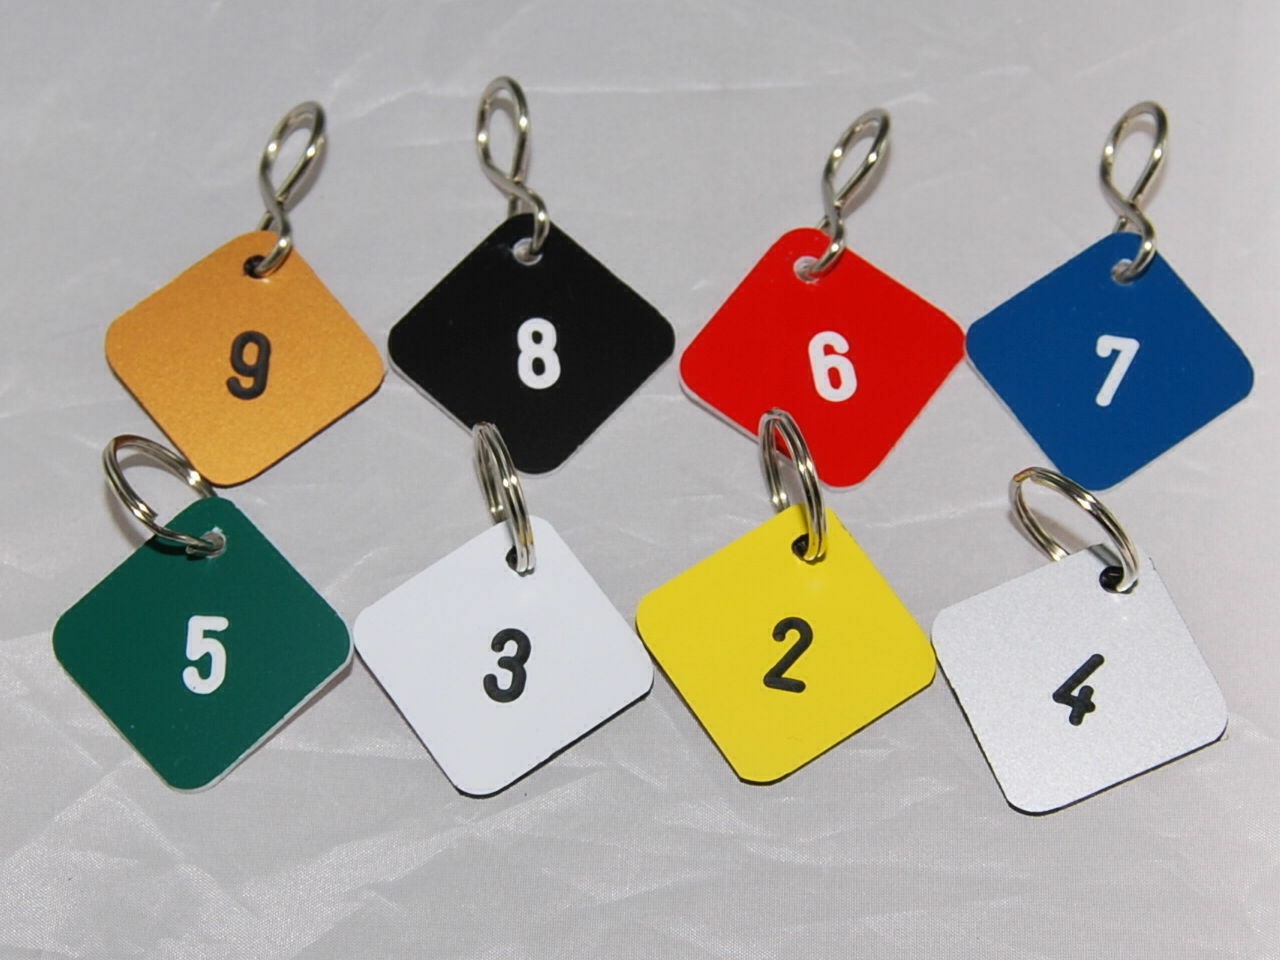 Schlüsselanhängerzahlenmarken Eckig Mit S Haken Oder Ring10 Stück